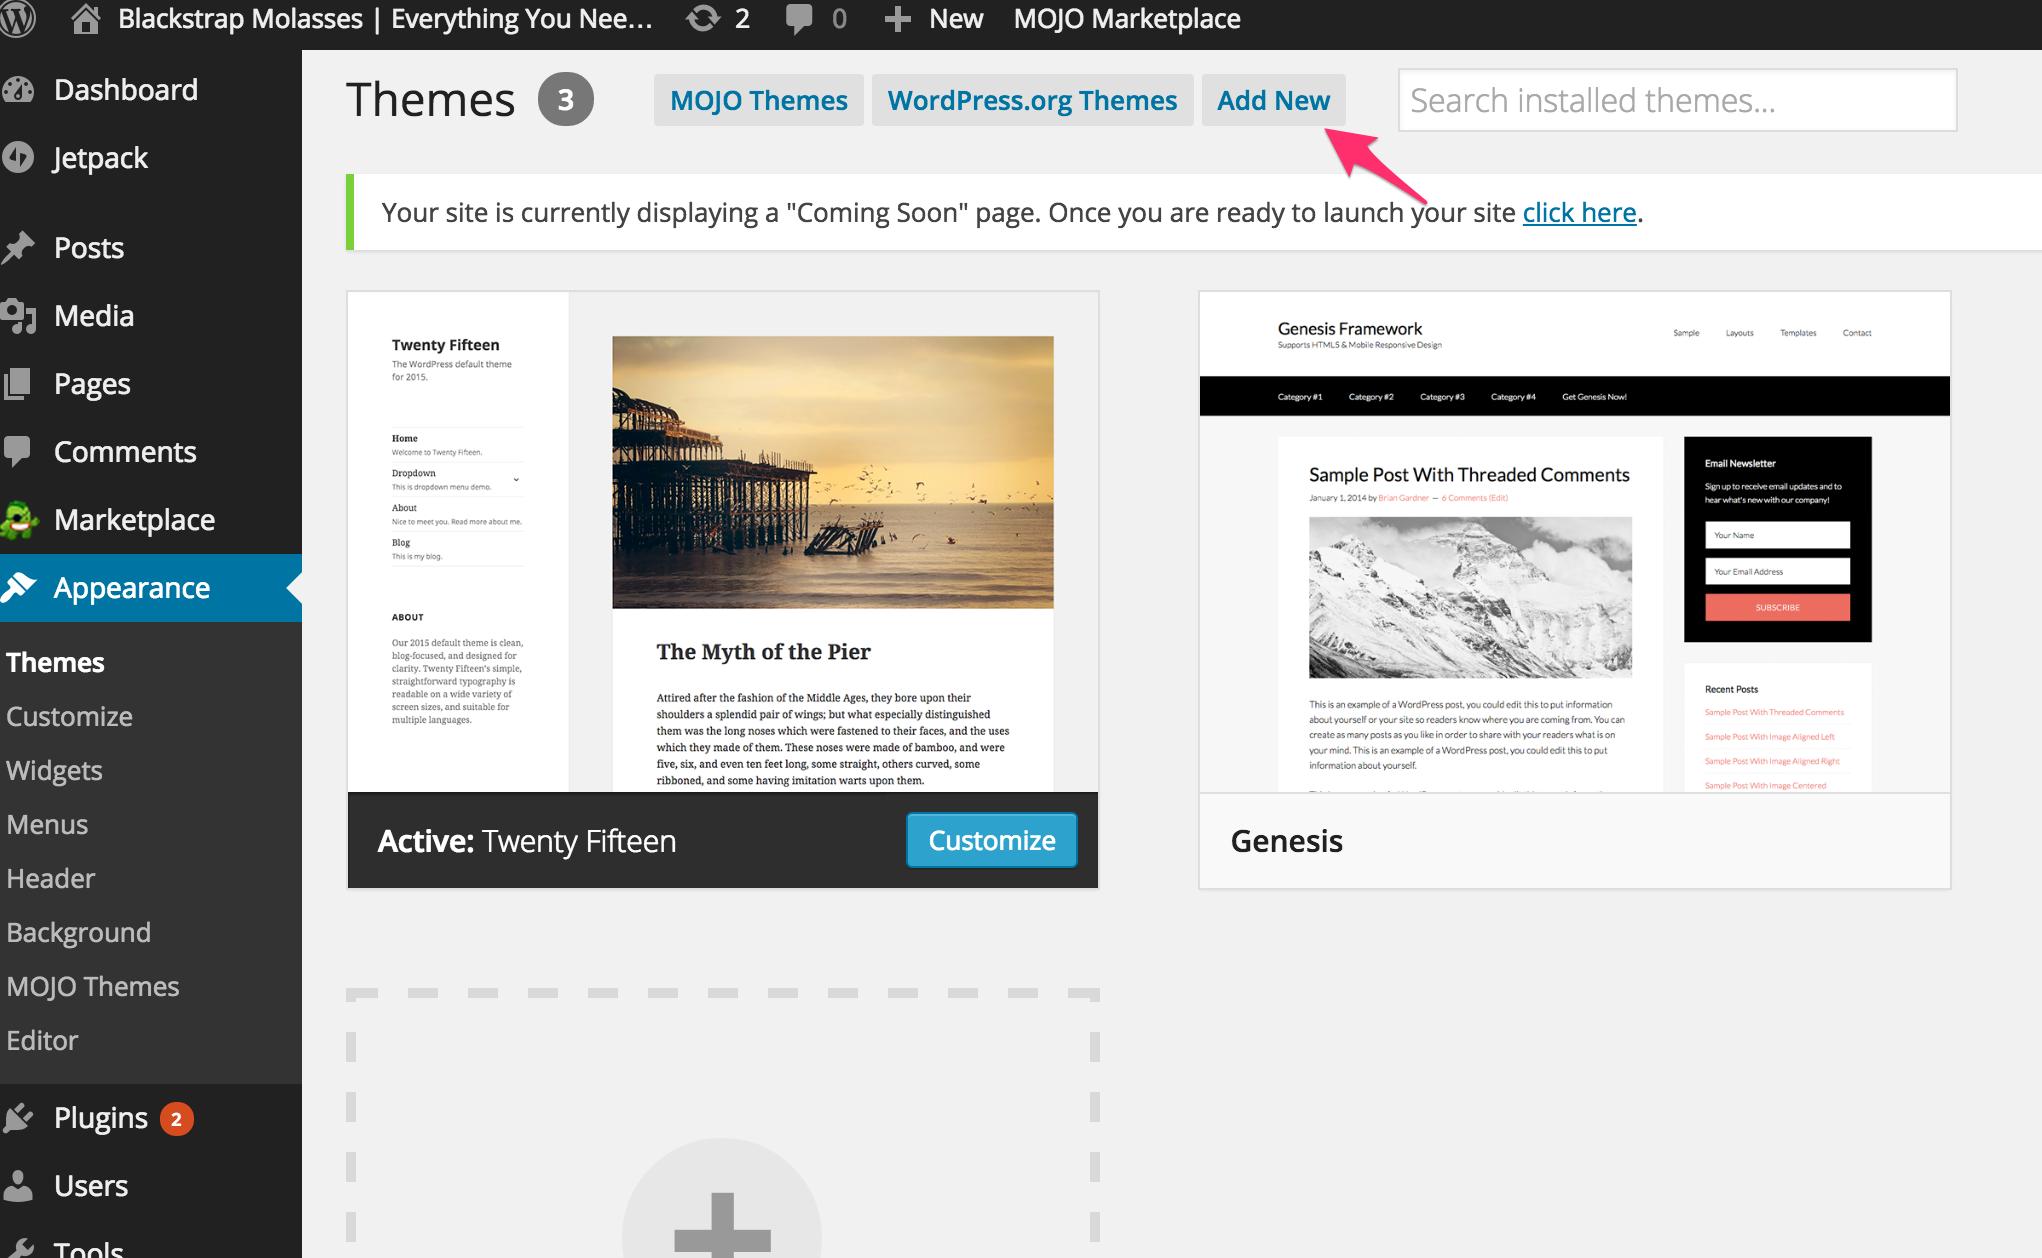 Adding Your Theme to WordPress